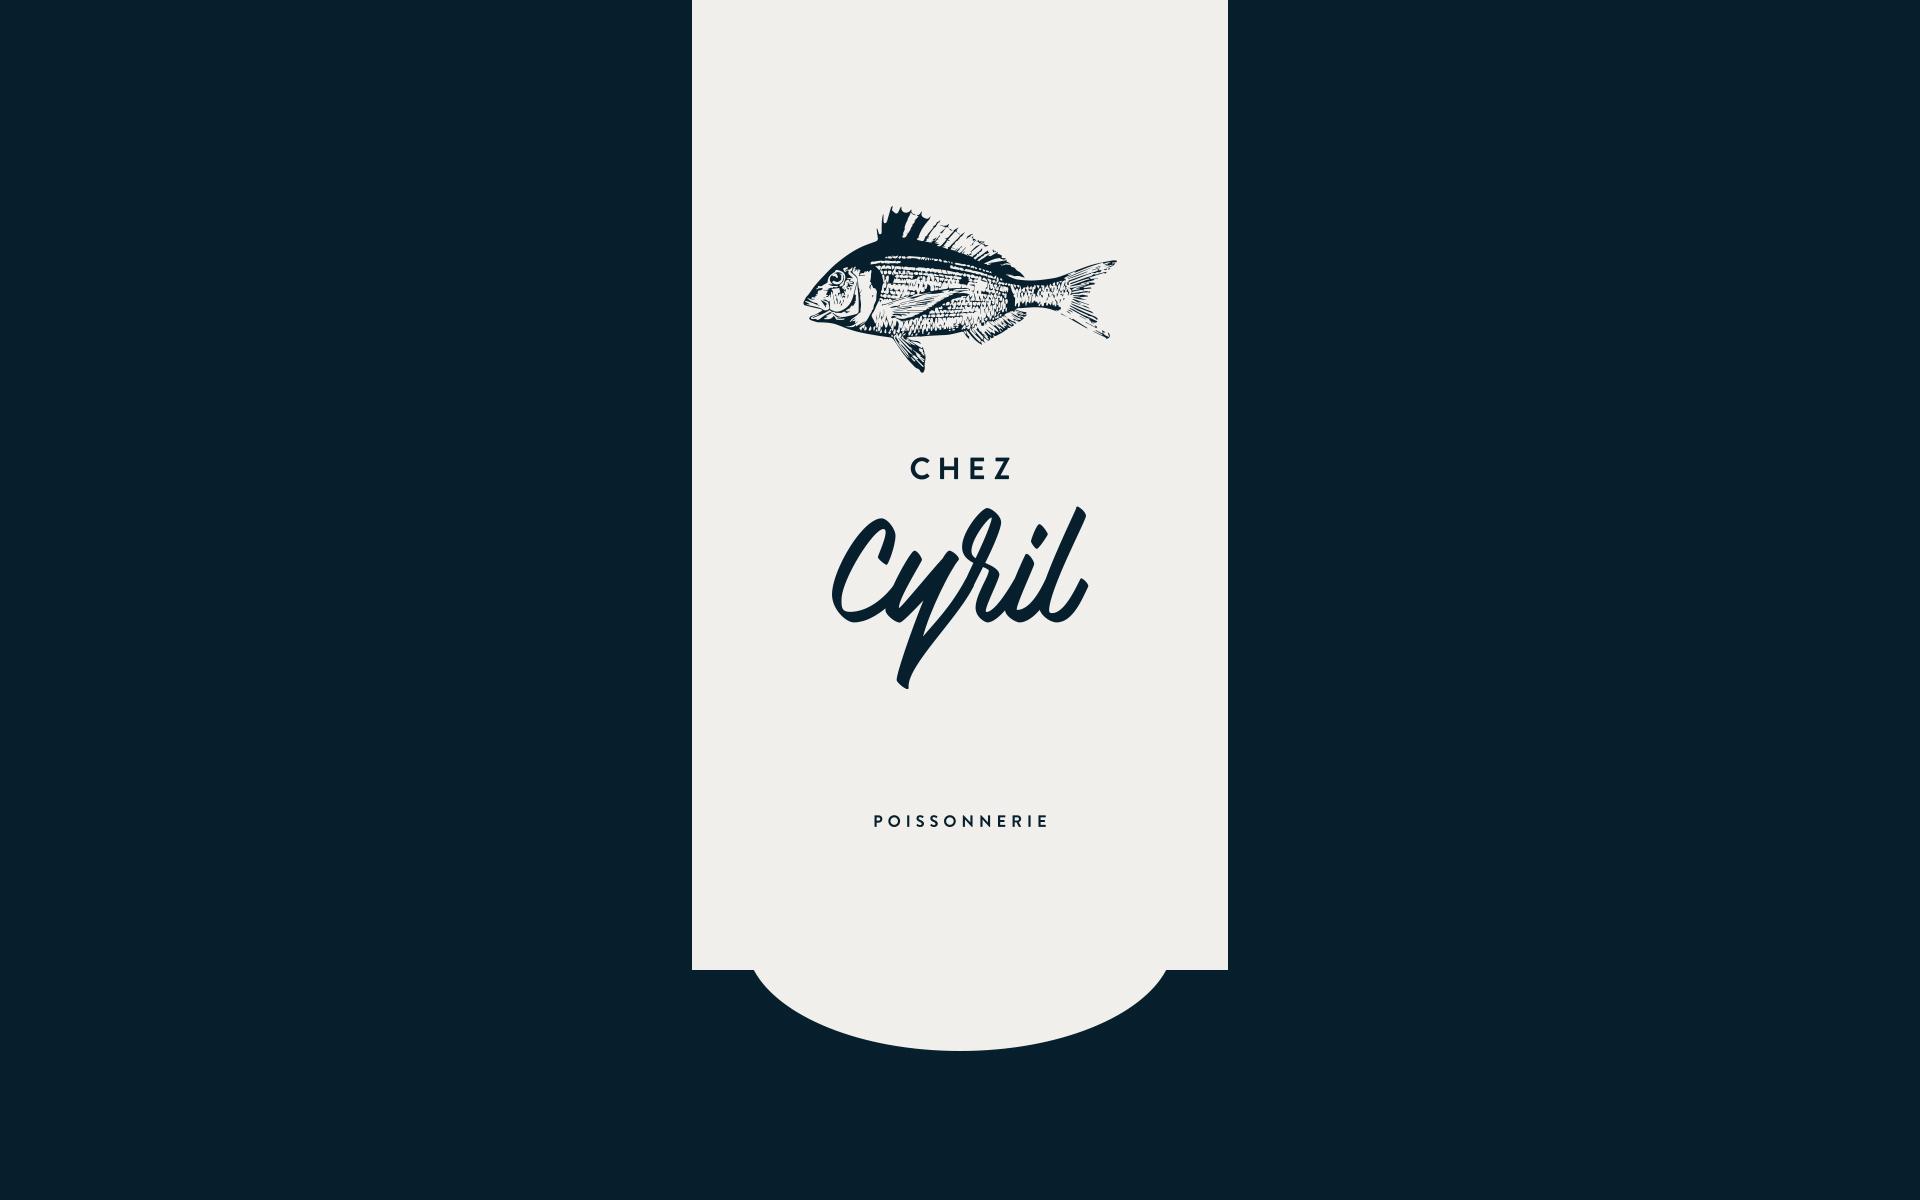 projet_logo-6chezcyril